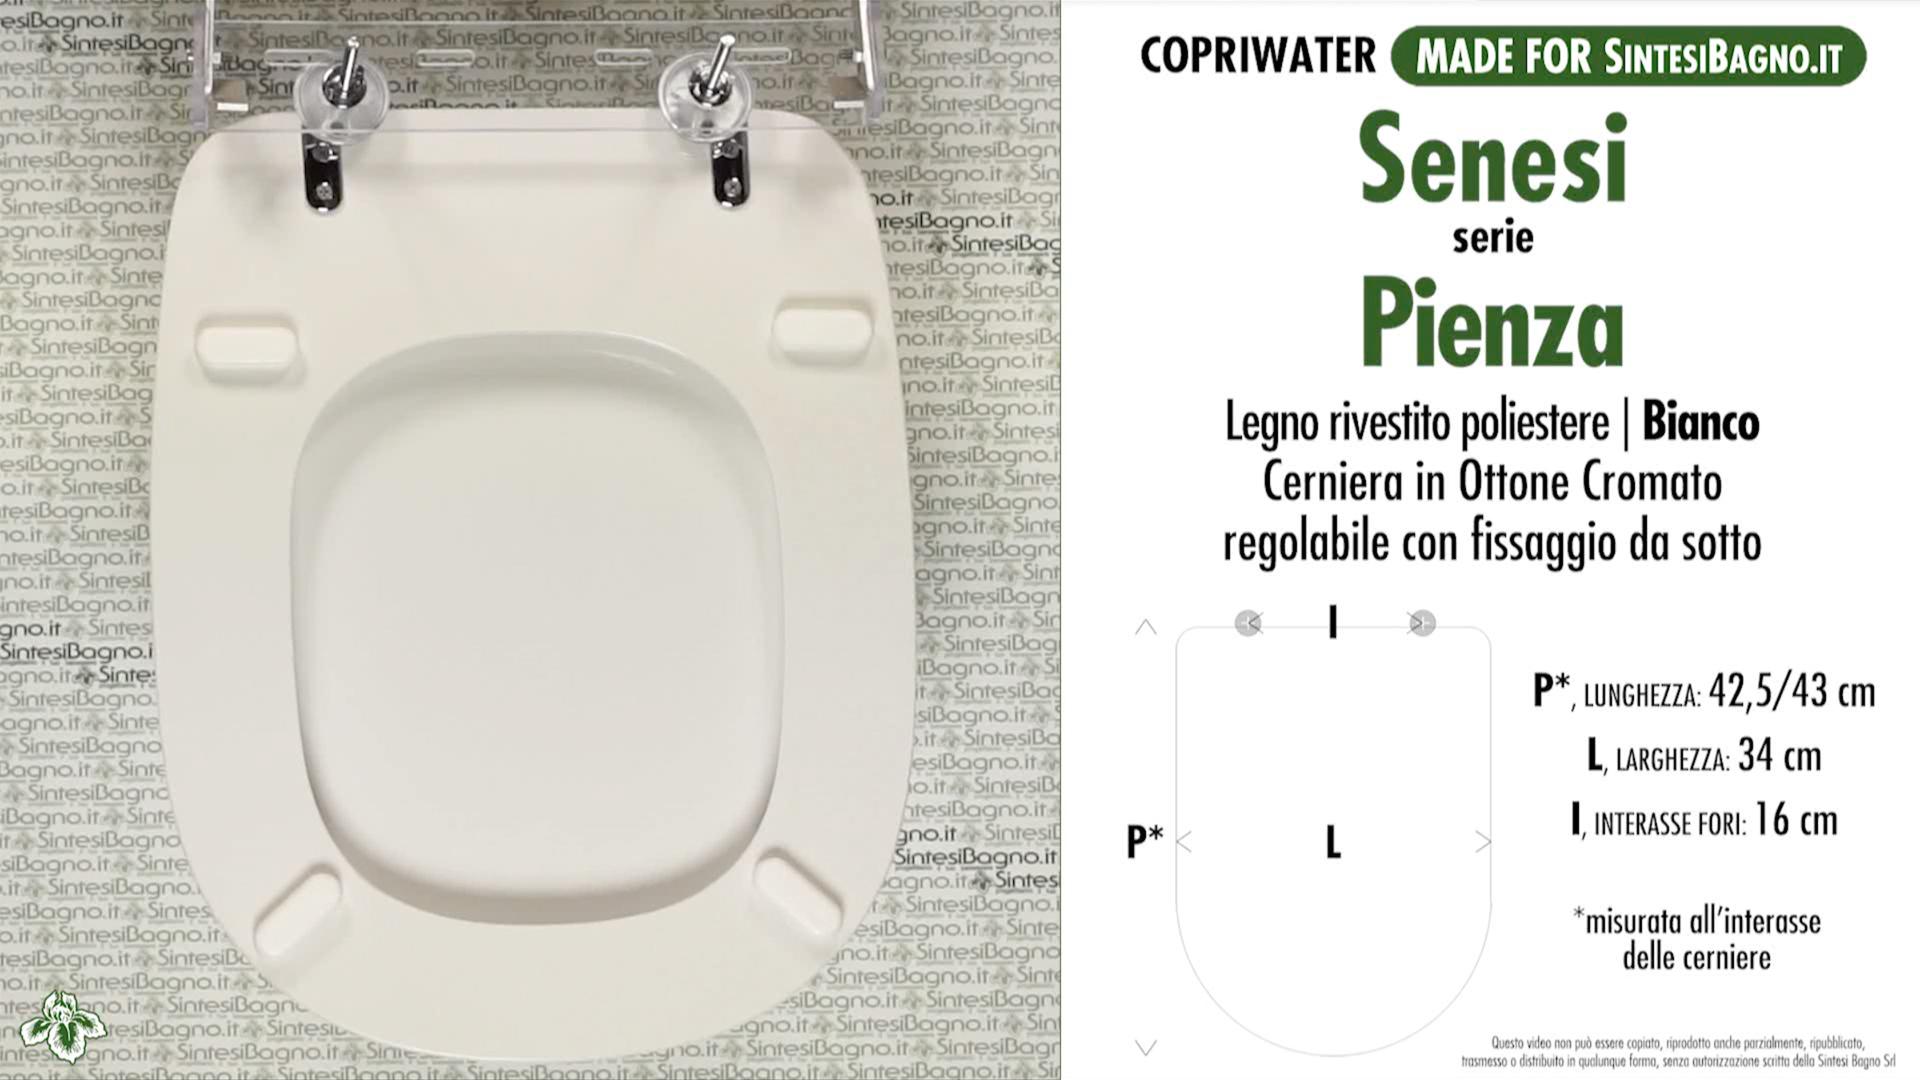 Ceramiche Senesi Donatello.Copriwater Per Wc Pienza Senesi Ricambio Dedicato Legno Rivestito Sintesibagno Shop Online